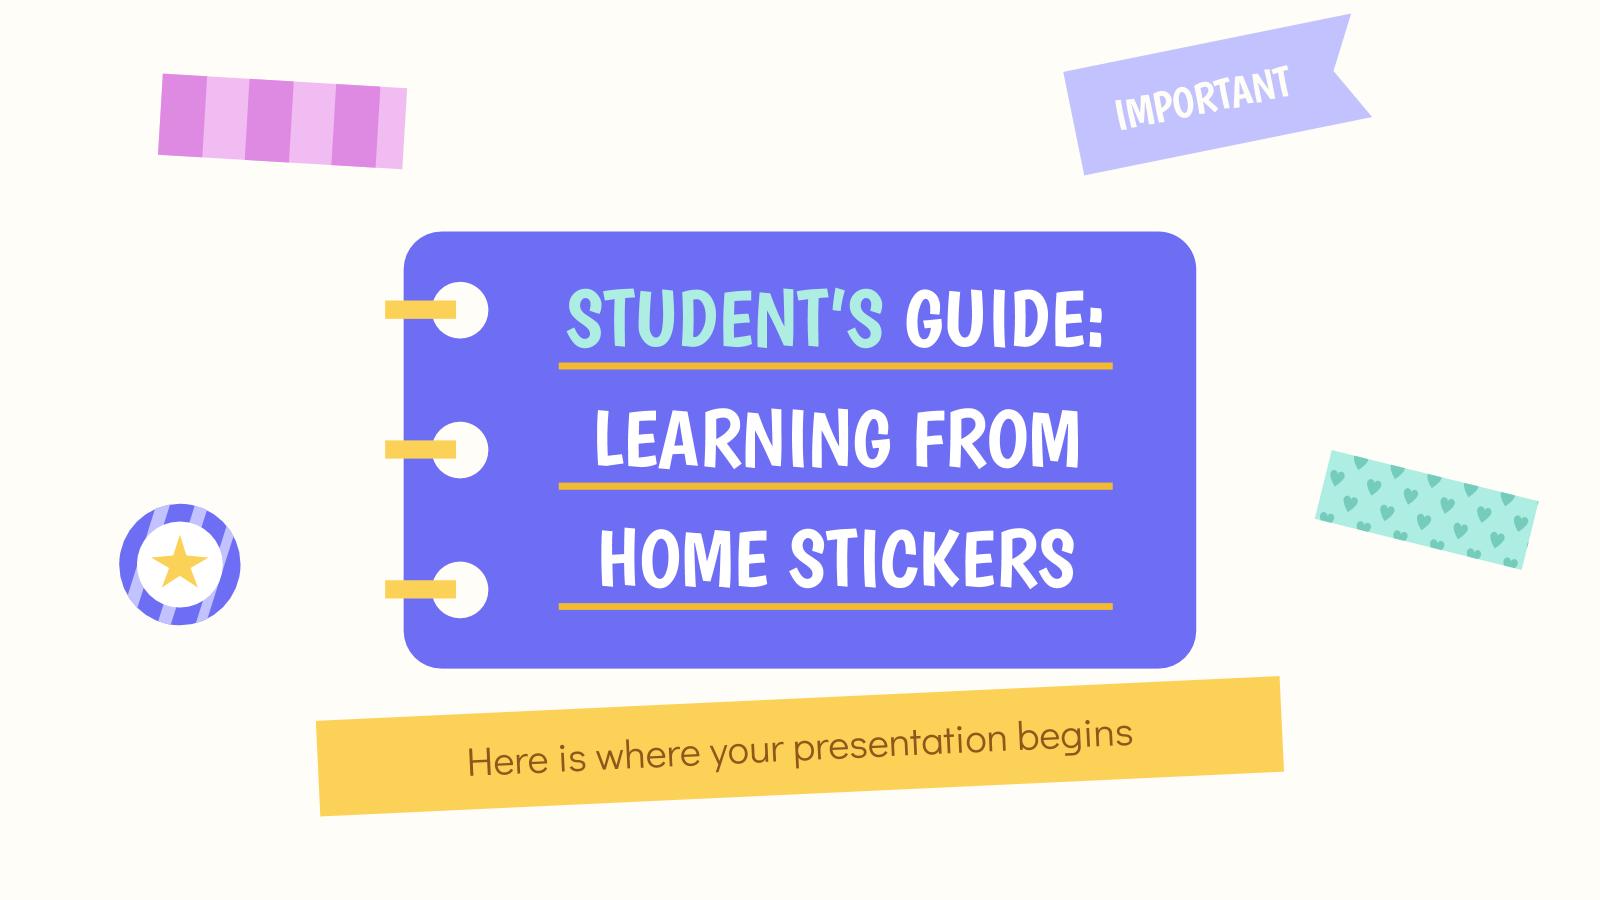 Guide de l'étudiant : Apprendre à la maison : Modèles de présentation